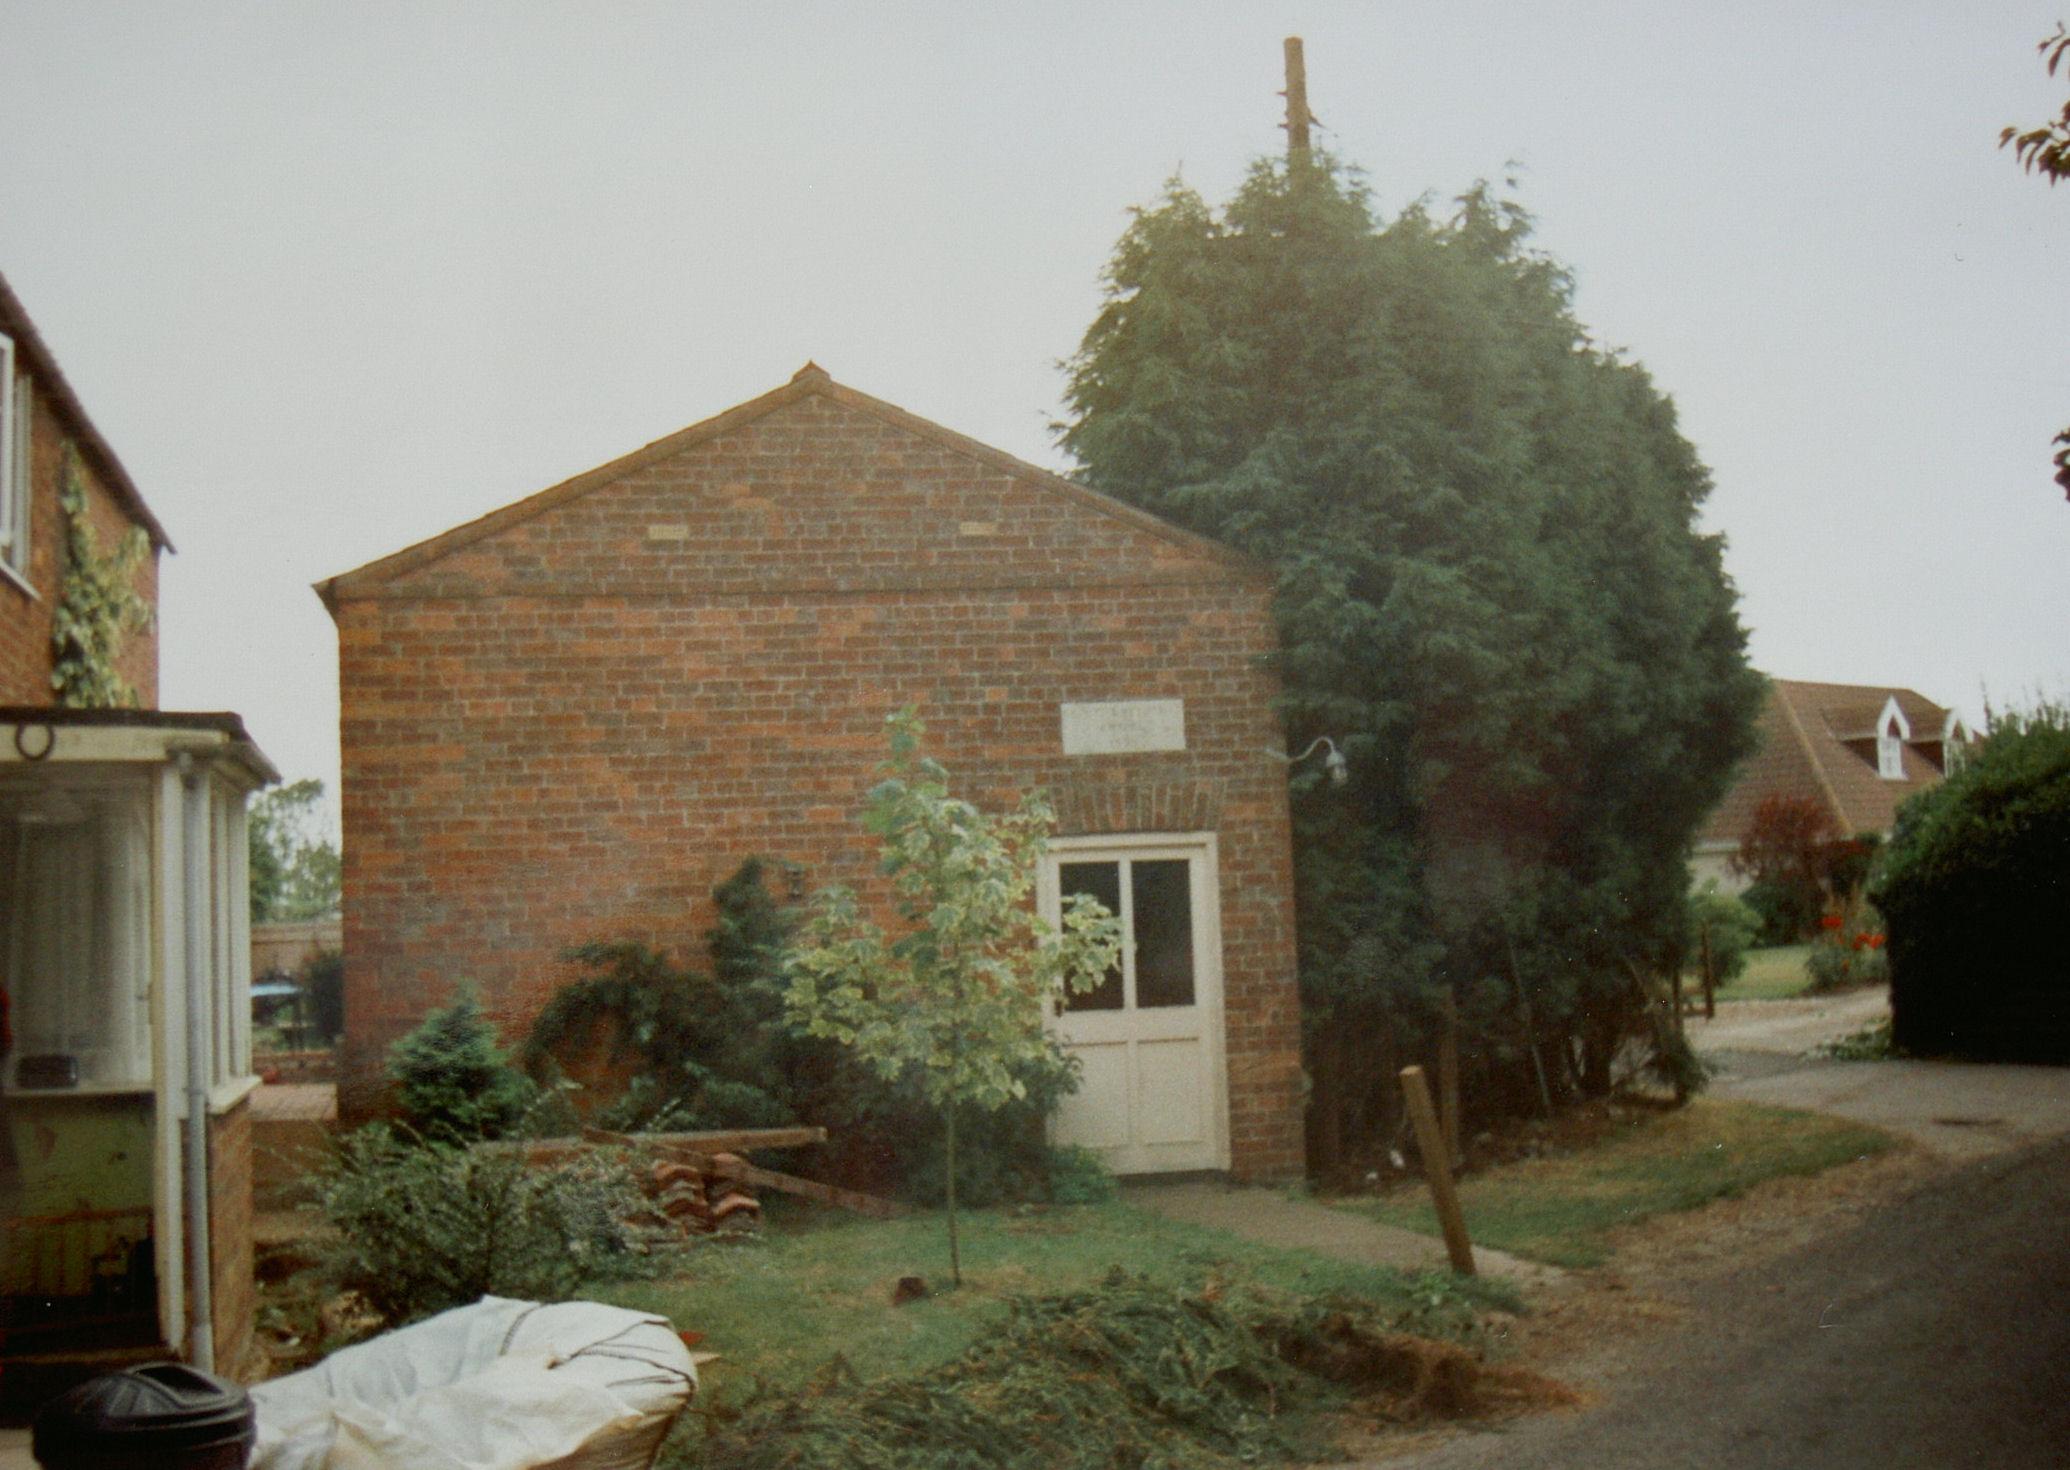 1839 Cumberworth Primitive Methodist chapel  72a72d3478d